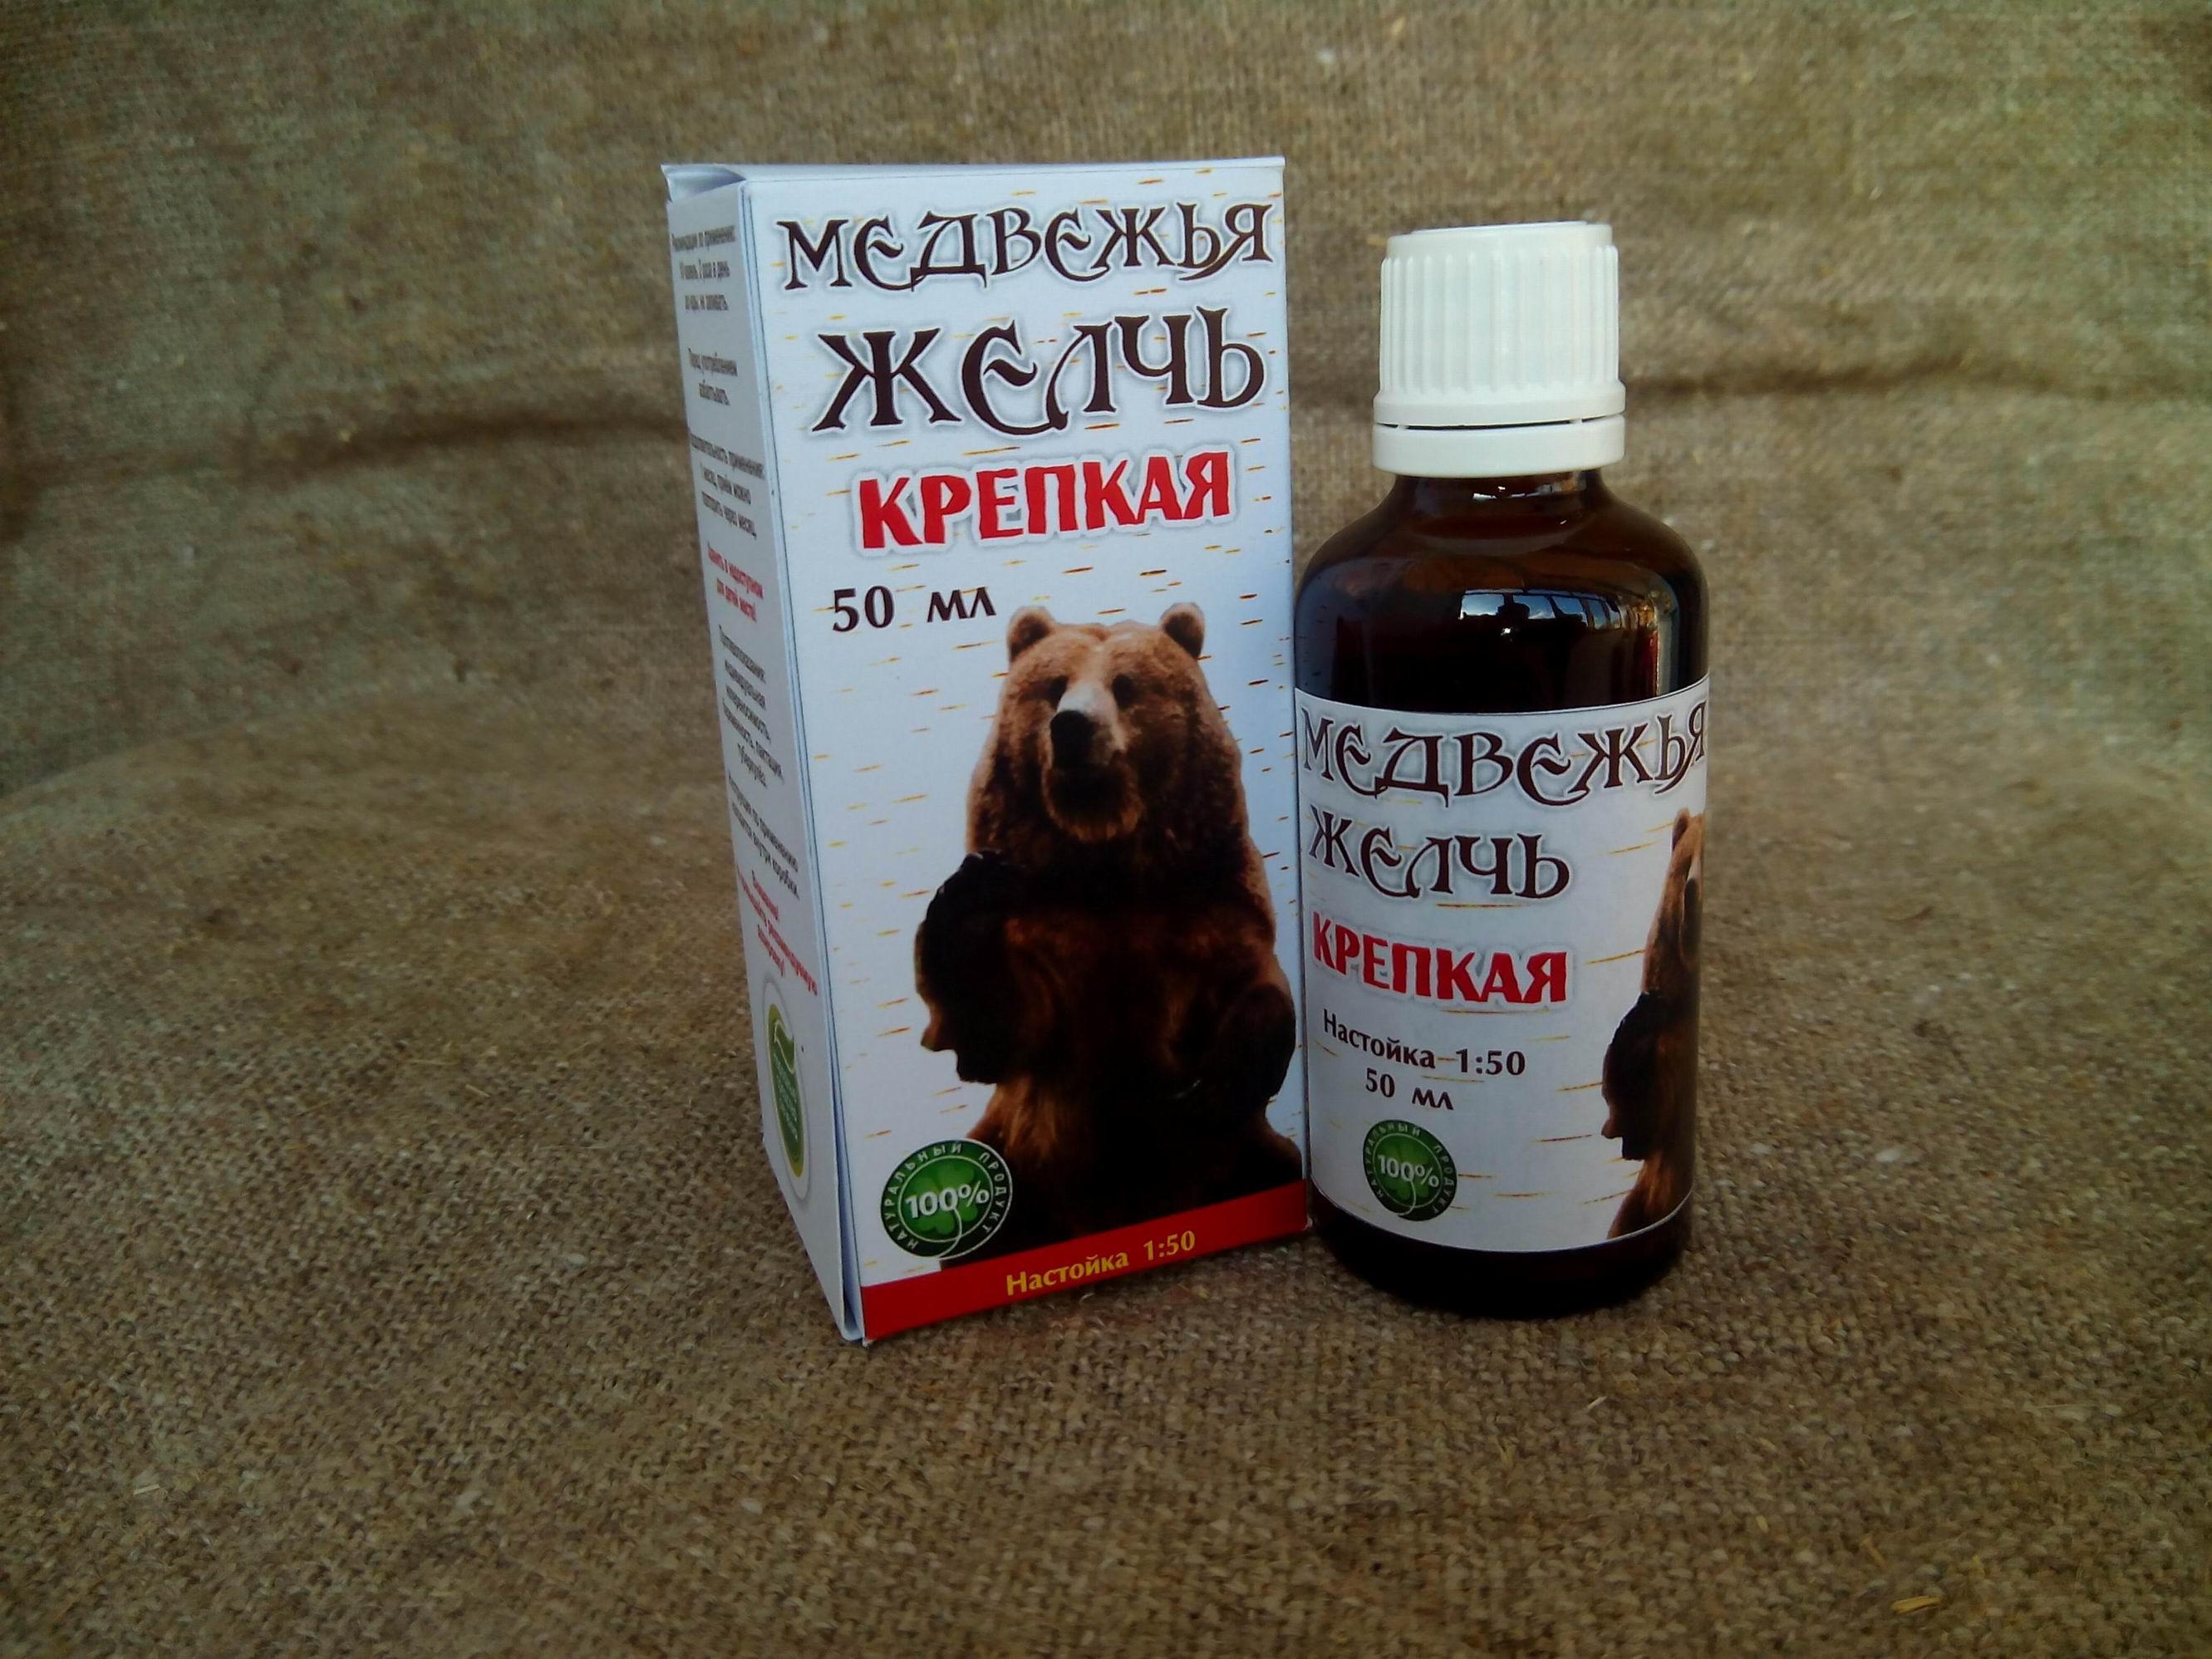 Медвежья желчь: применение и приготовление настойки из